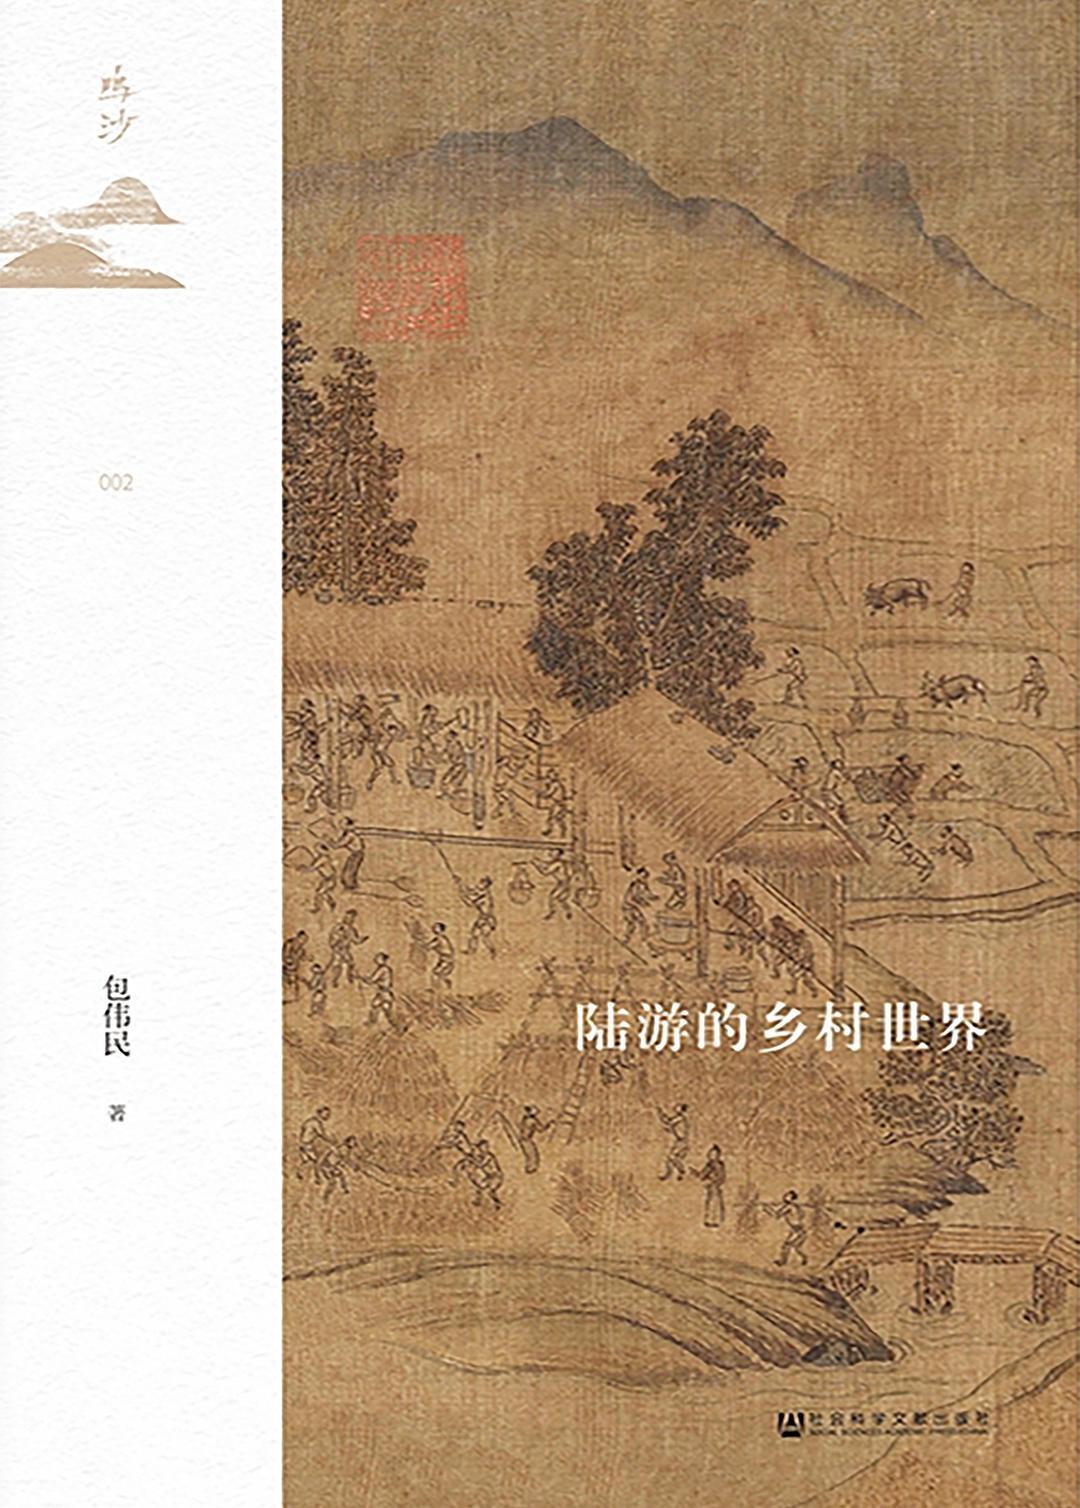 《陆游的乡村世界》,包伟民著,社会科学文献出版社2020年9月出版,242页,79.00元